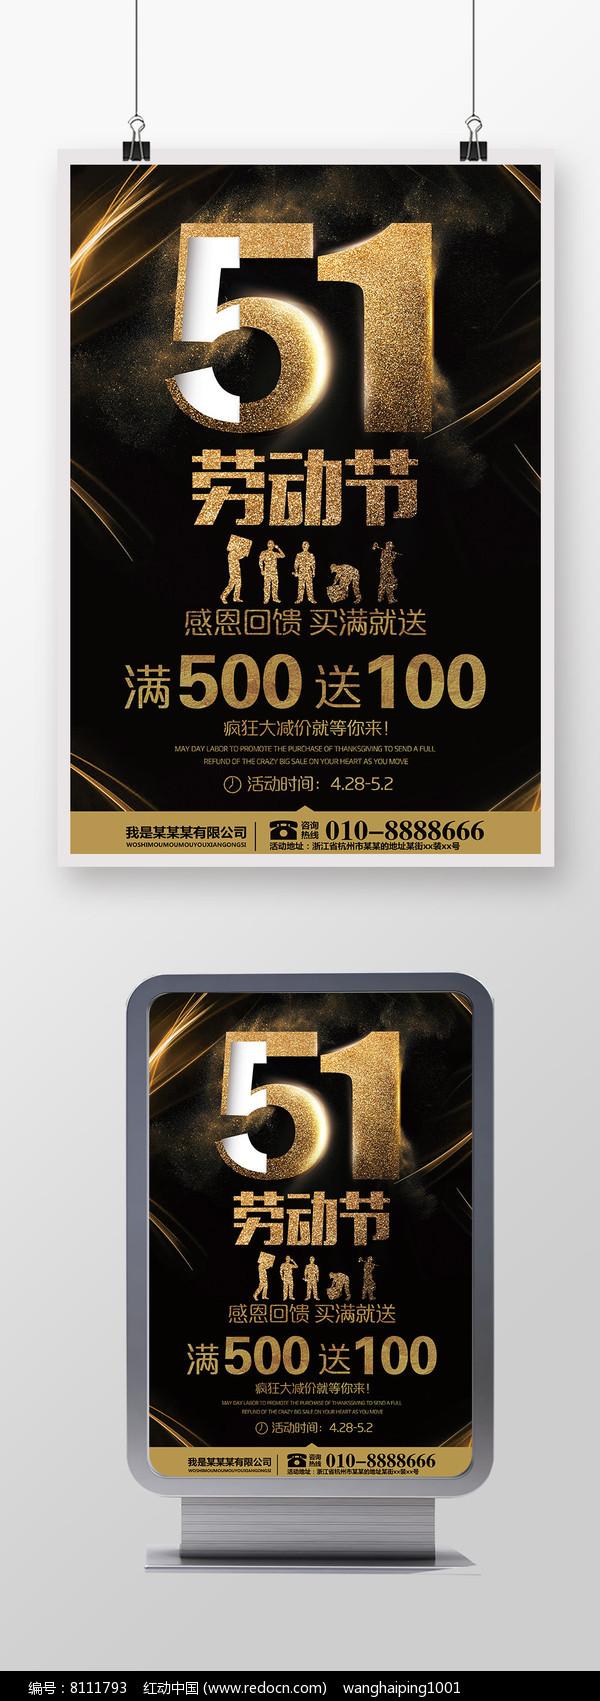 黑金51劳动节五一促销活动海报图片